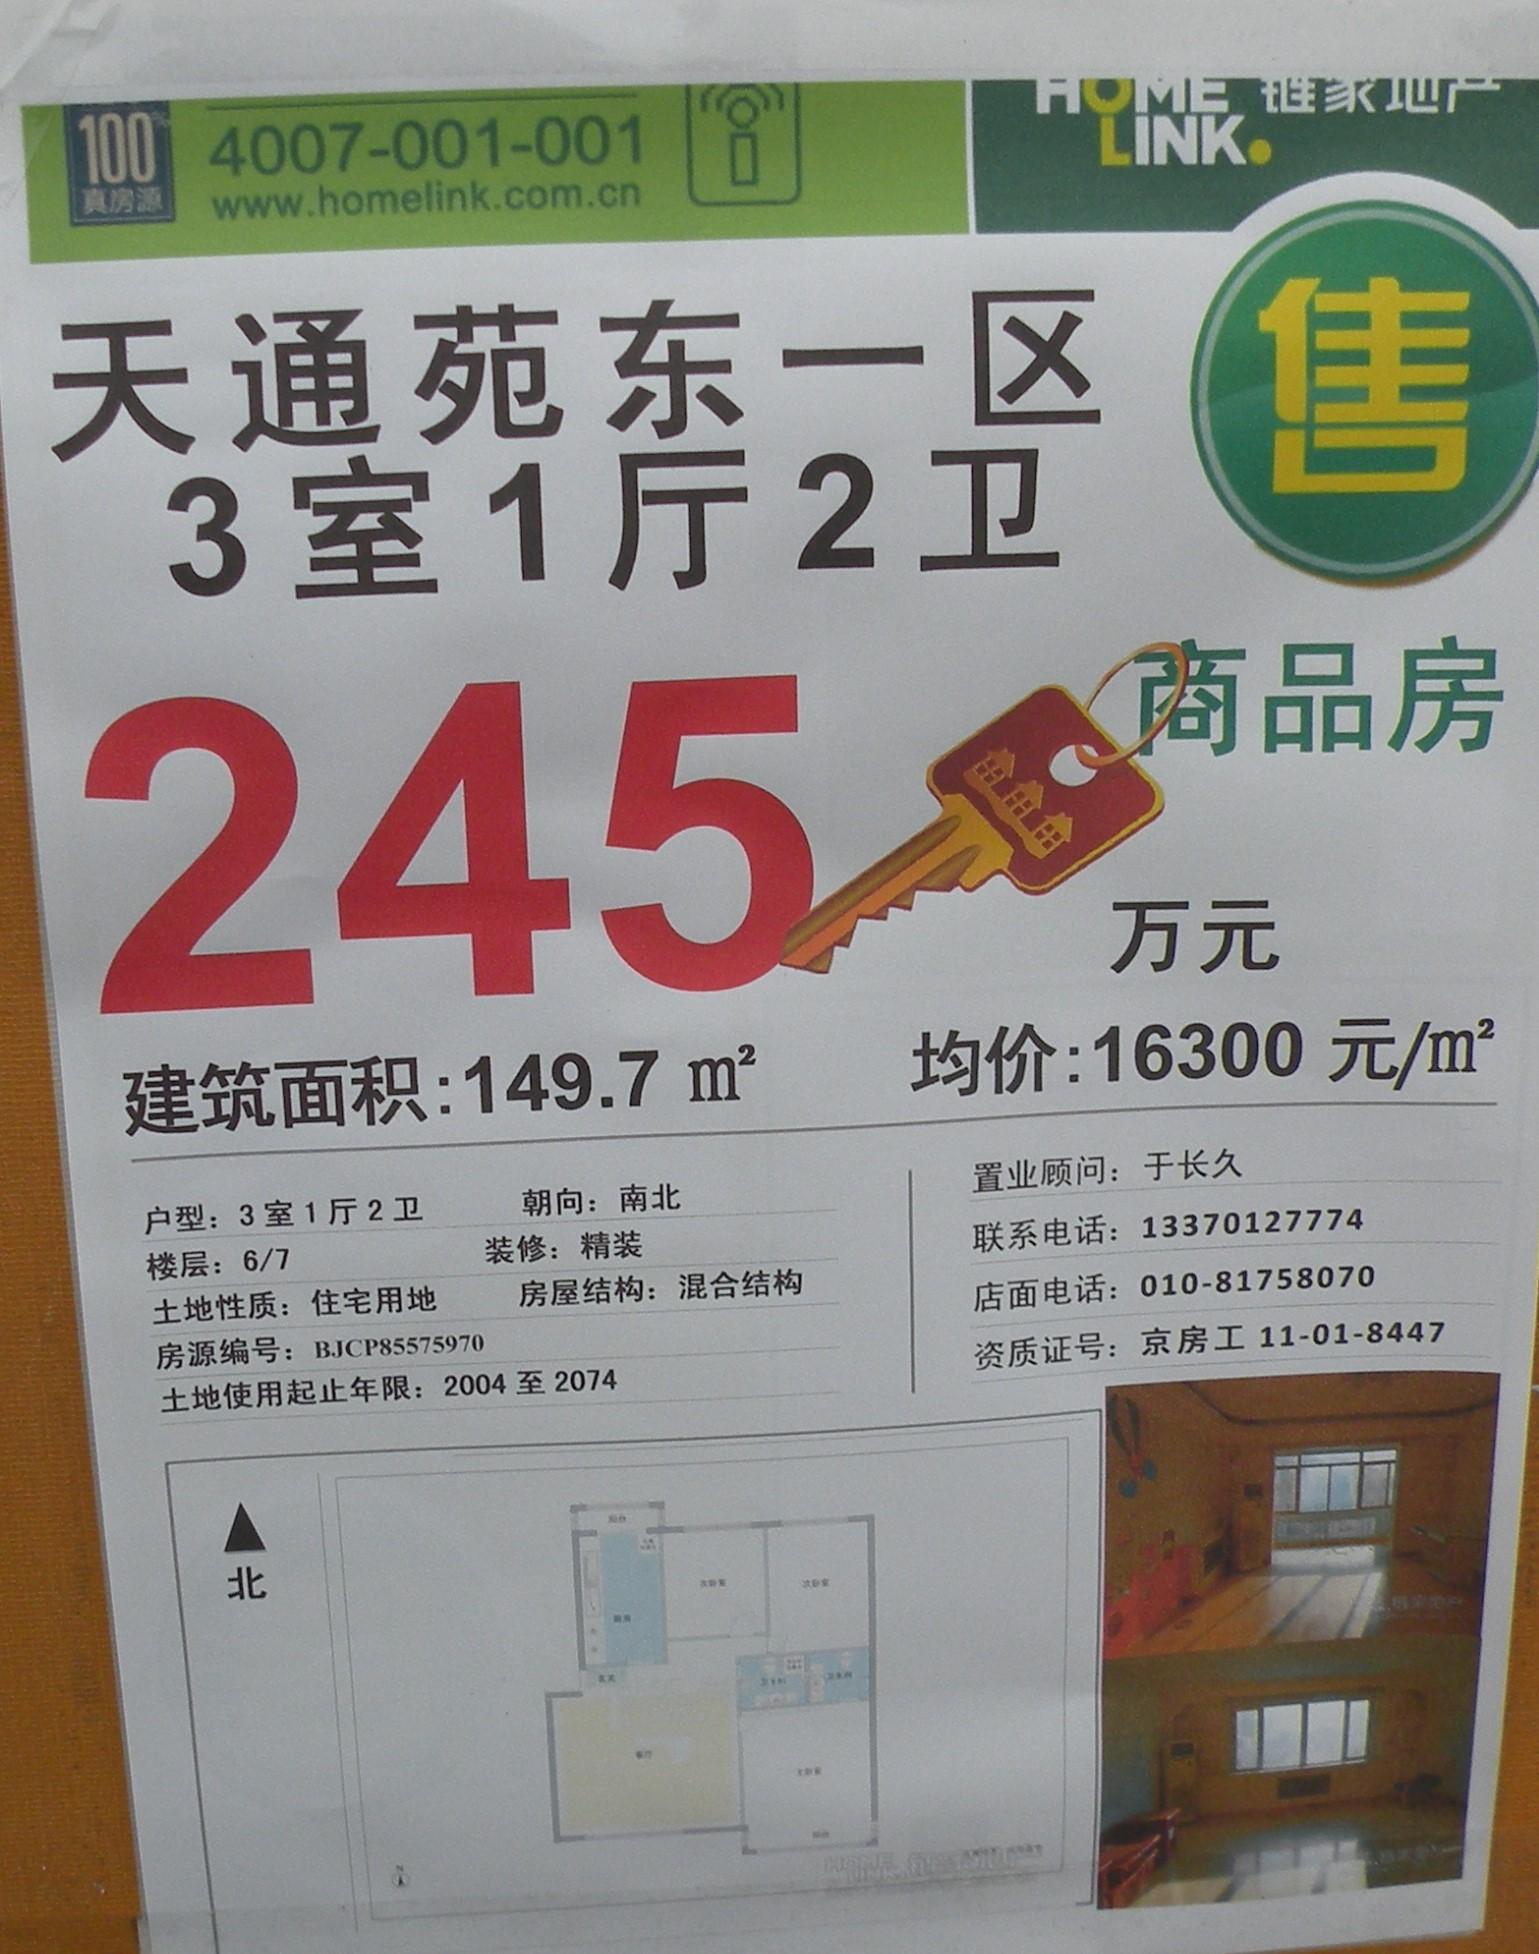 DSCN6807.JPG